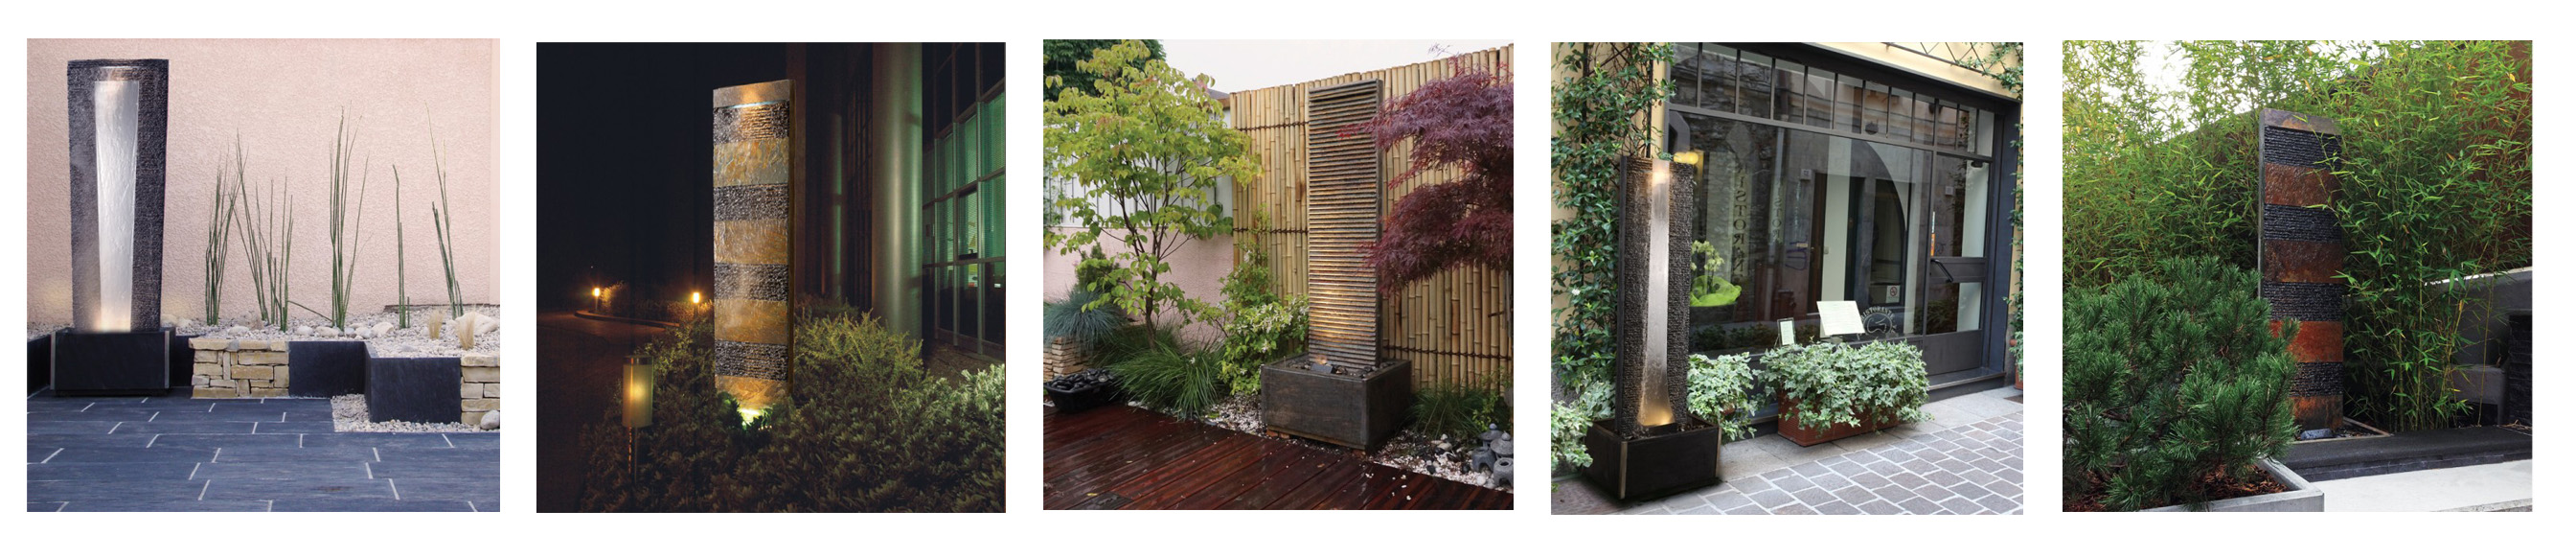 fontaines d 39 int rieur ou d 39 ext rieur murs d 39 eau. Black Bedroom Furniture Sets. Home Design Ideas